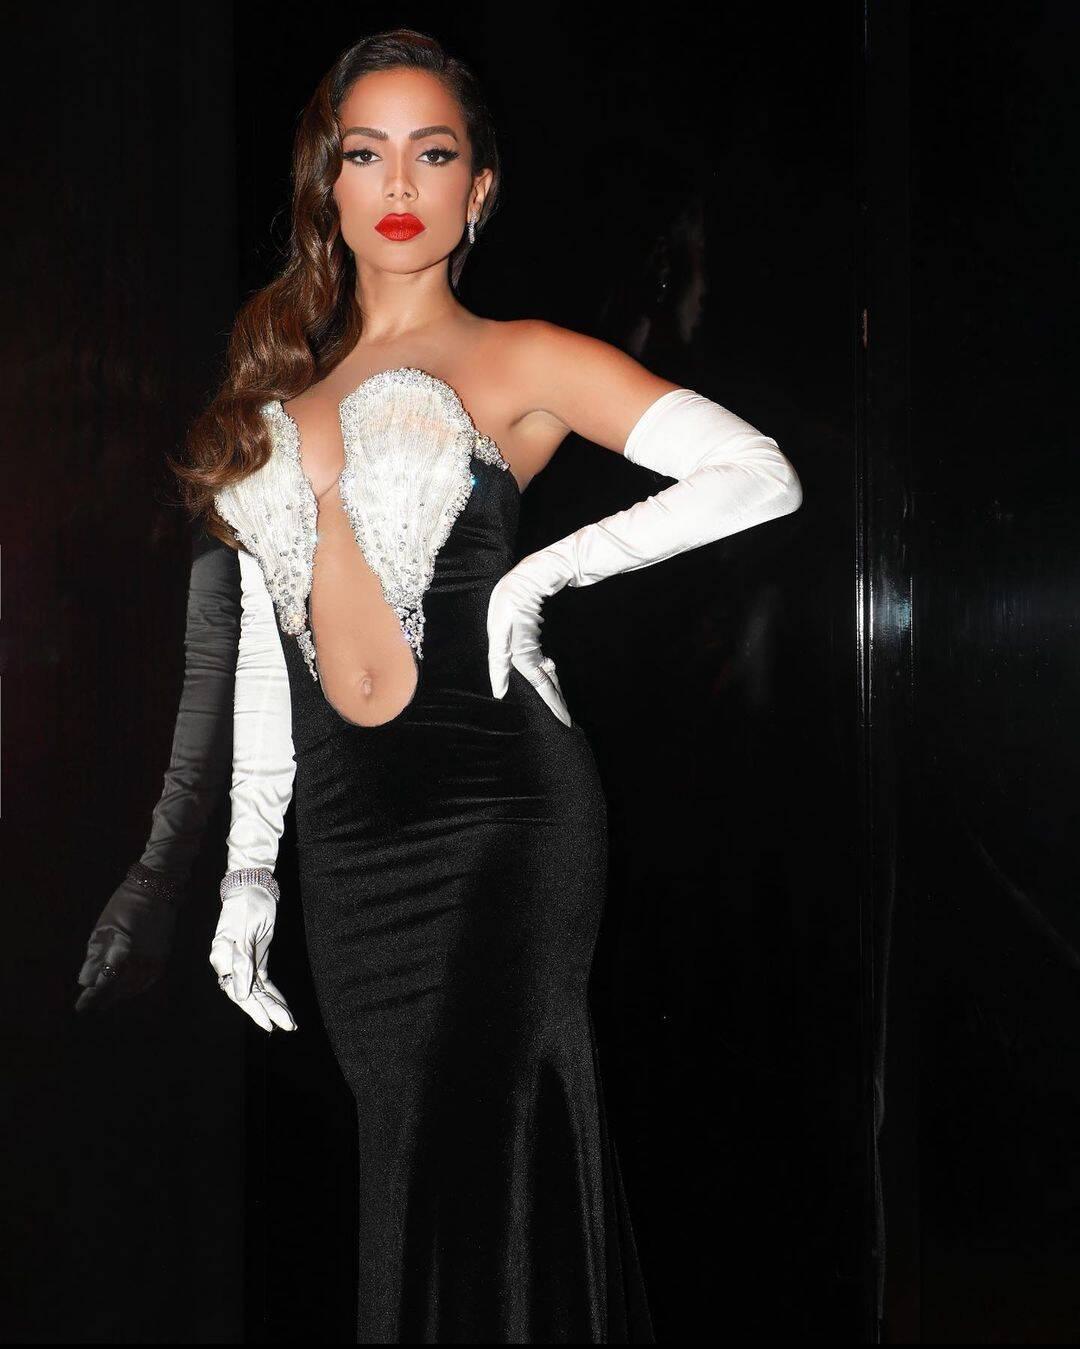 Em setembro aconteceu em Nova York, nos EUA, a 38° edição do MTV Video Music Awards, o MVA. A brasileira Anitta esteve por lá. (Foto: Instagram)